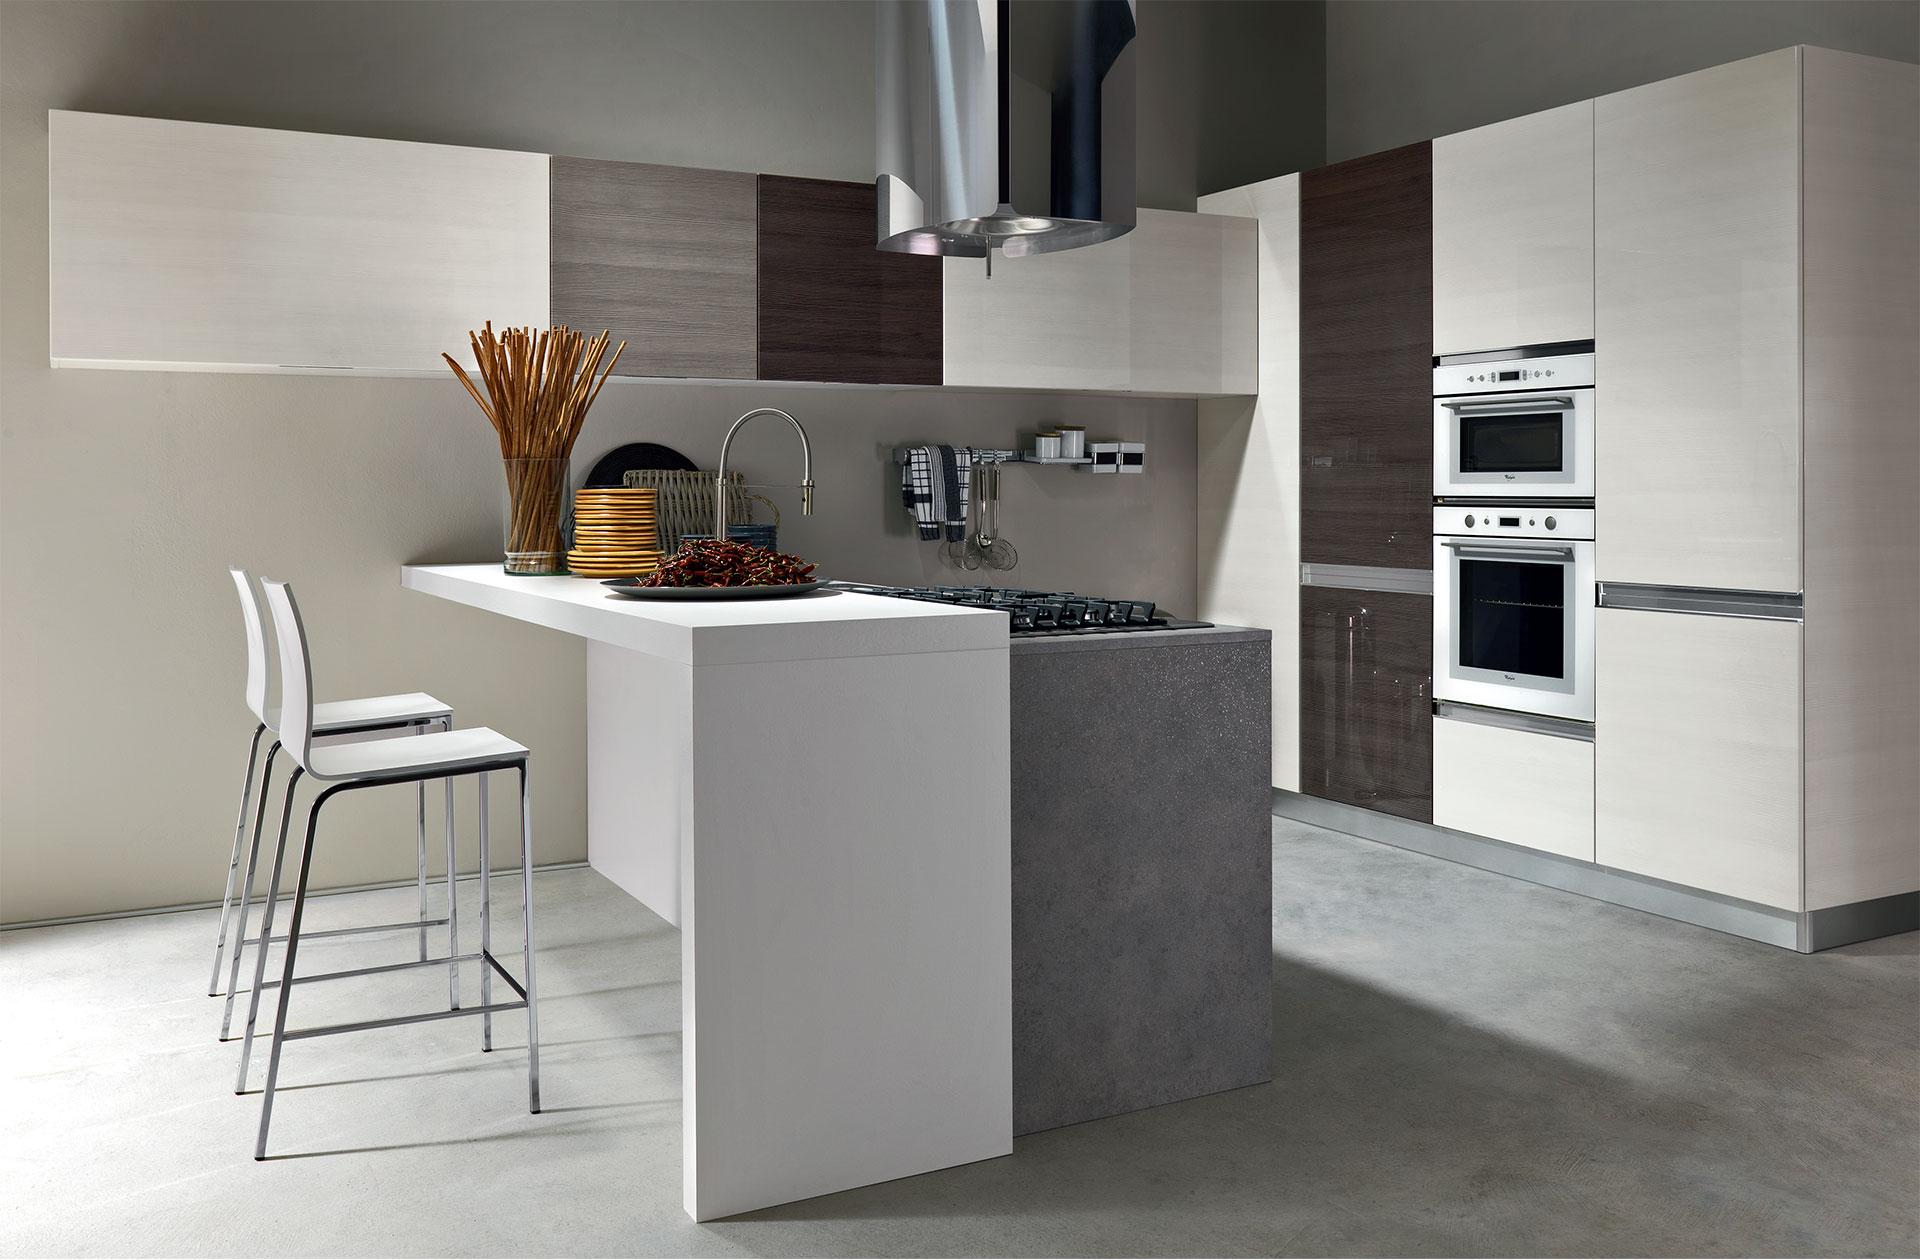 Cucina vela cucine moderne astra - Immagini cucine moderne ...